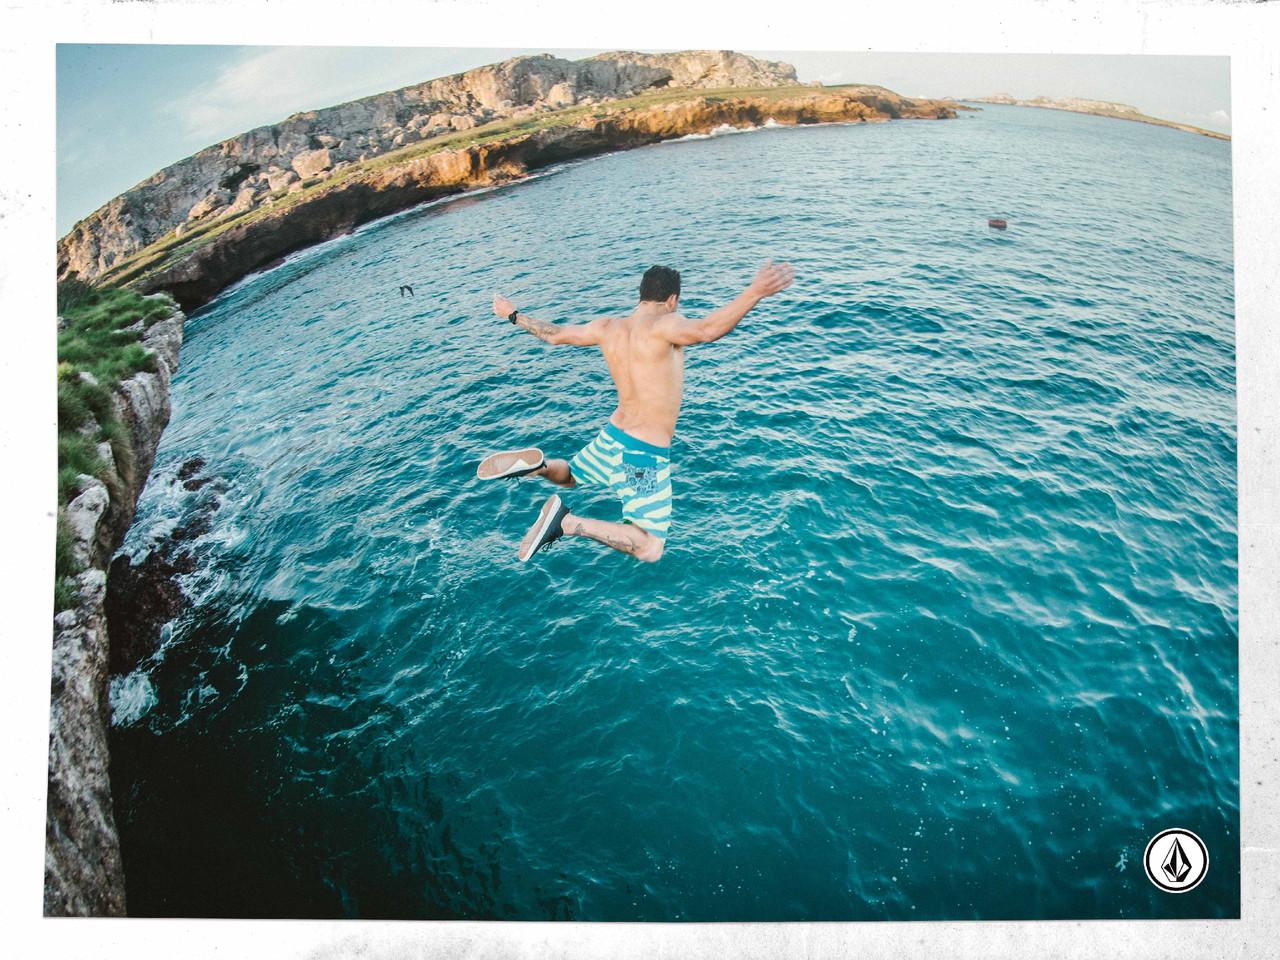 Boardshort.jpg